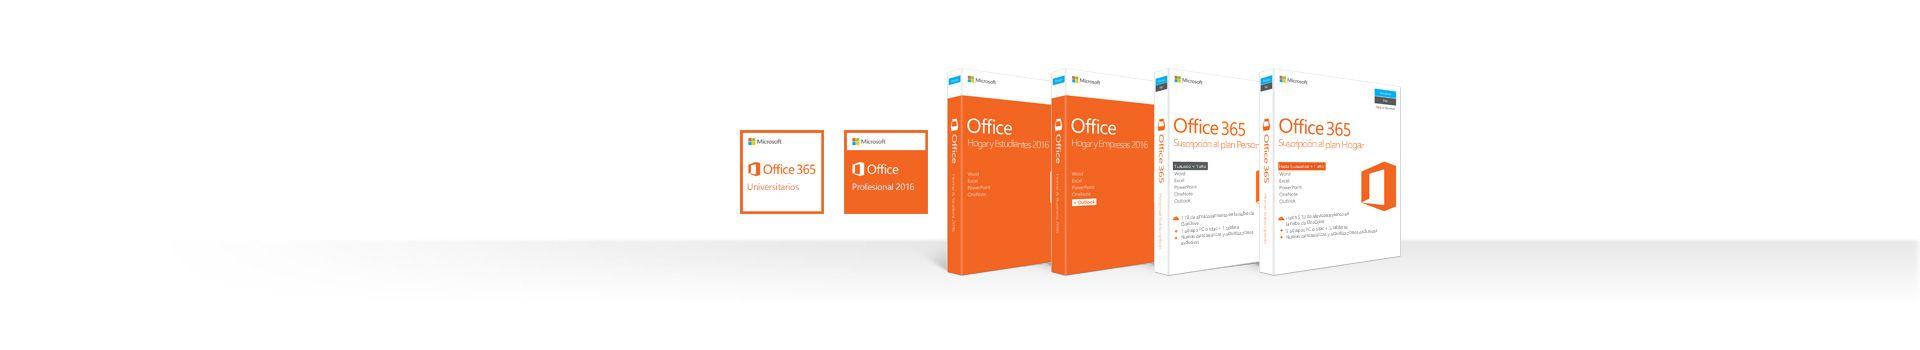 Una fila de cuadros que representa productos independientes y una suscripción de Office para PC